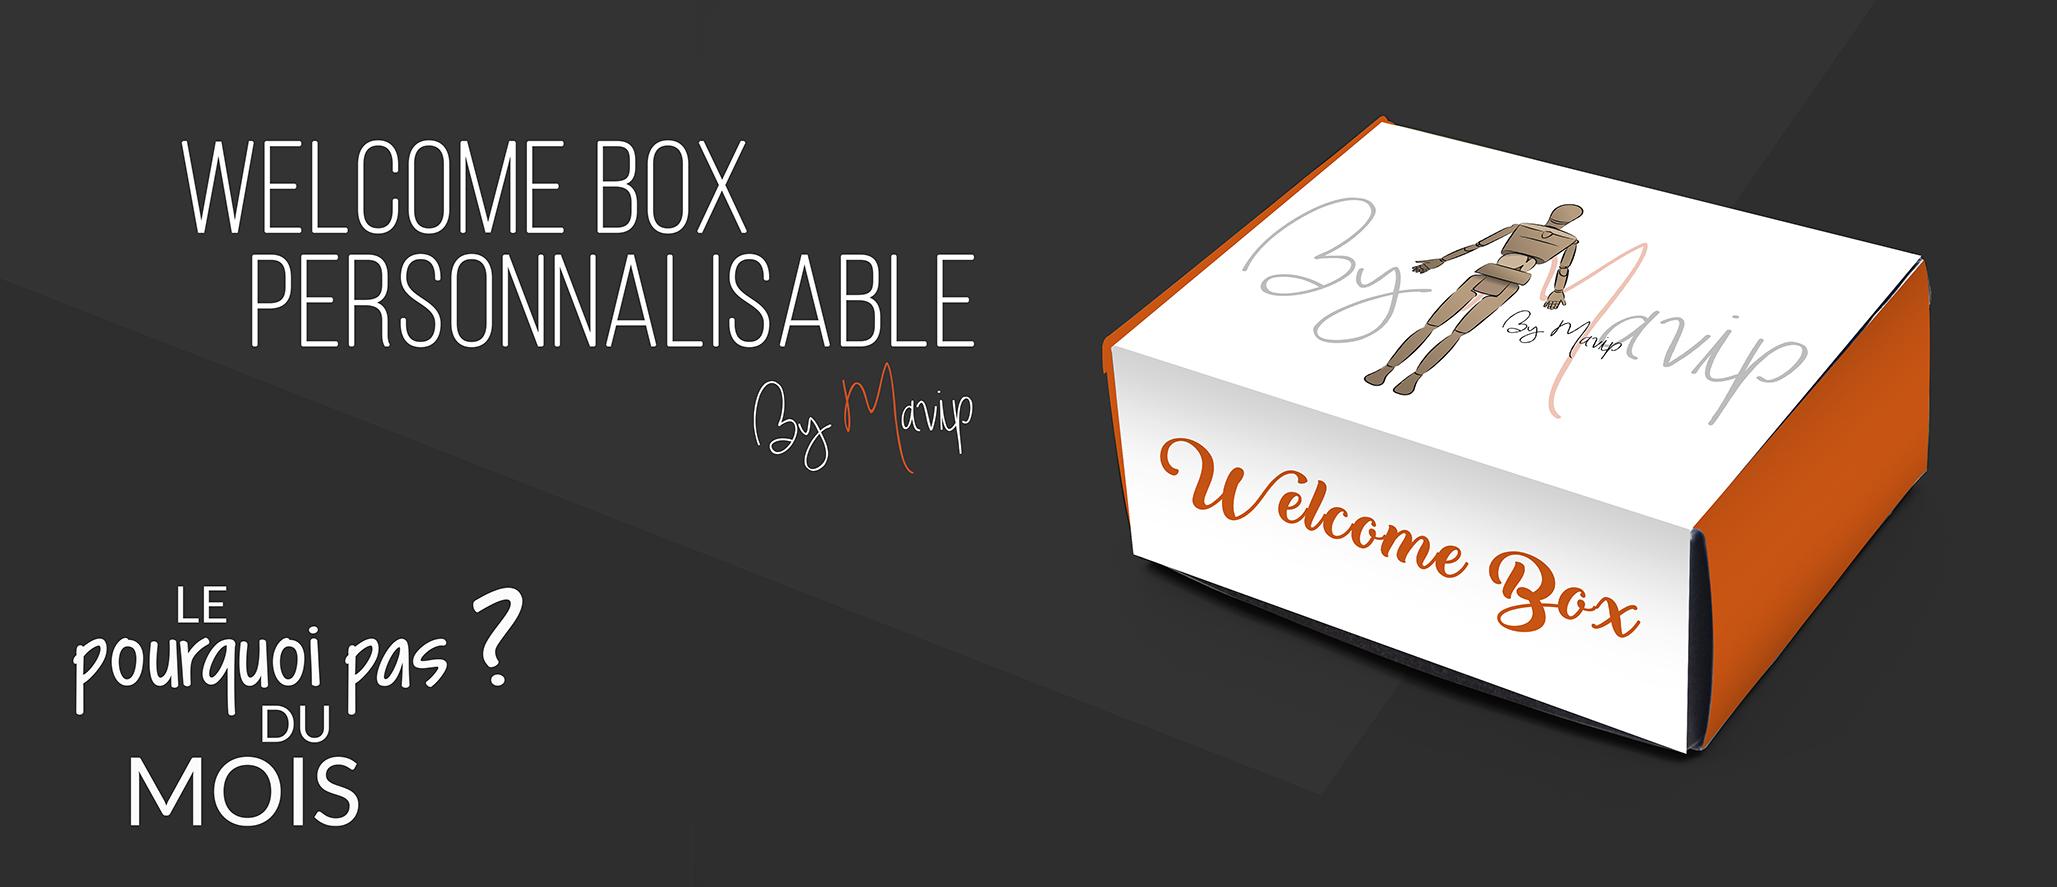 Pourquoi pas une welcome box personnalisée aux couleursde votre entreprise ?